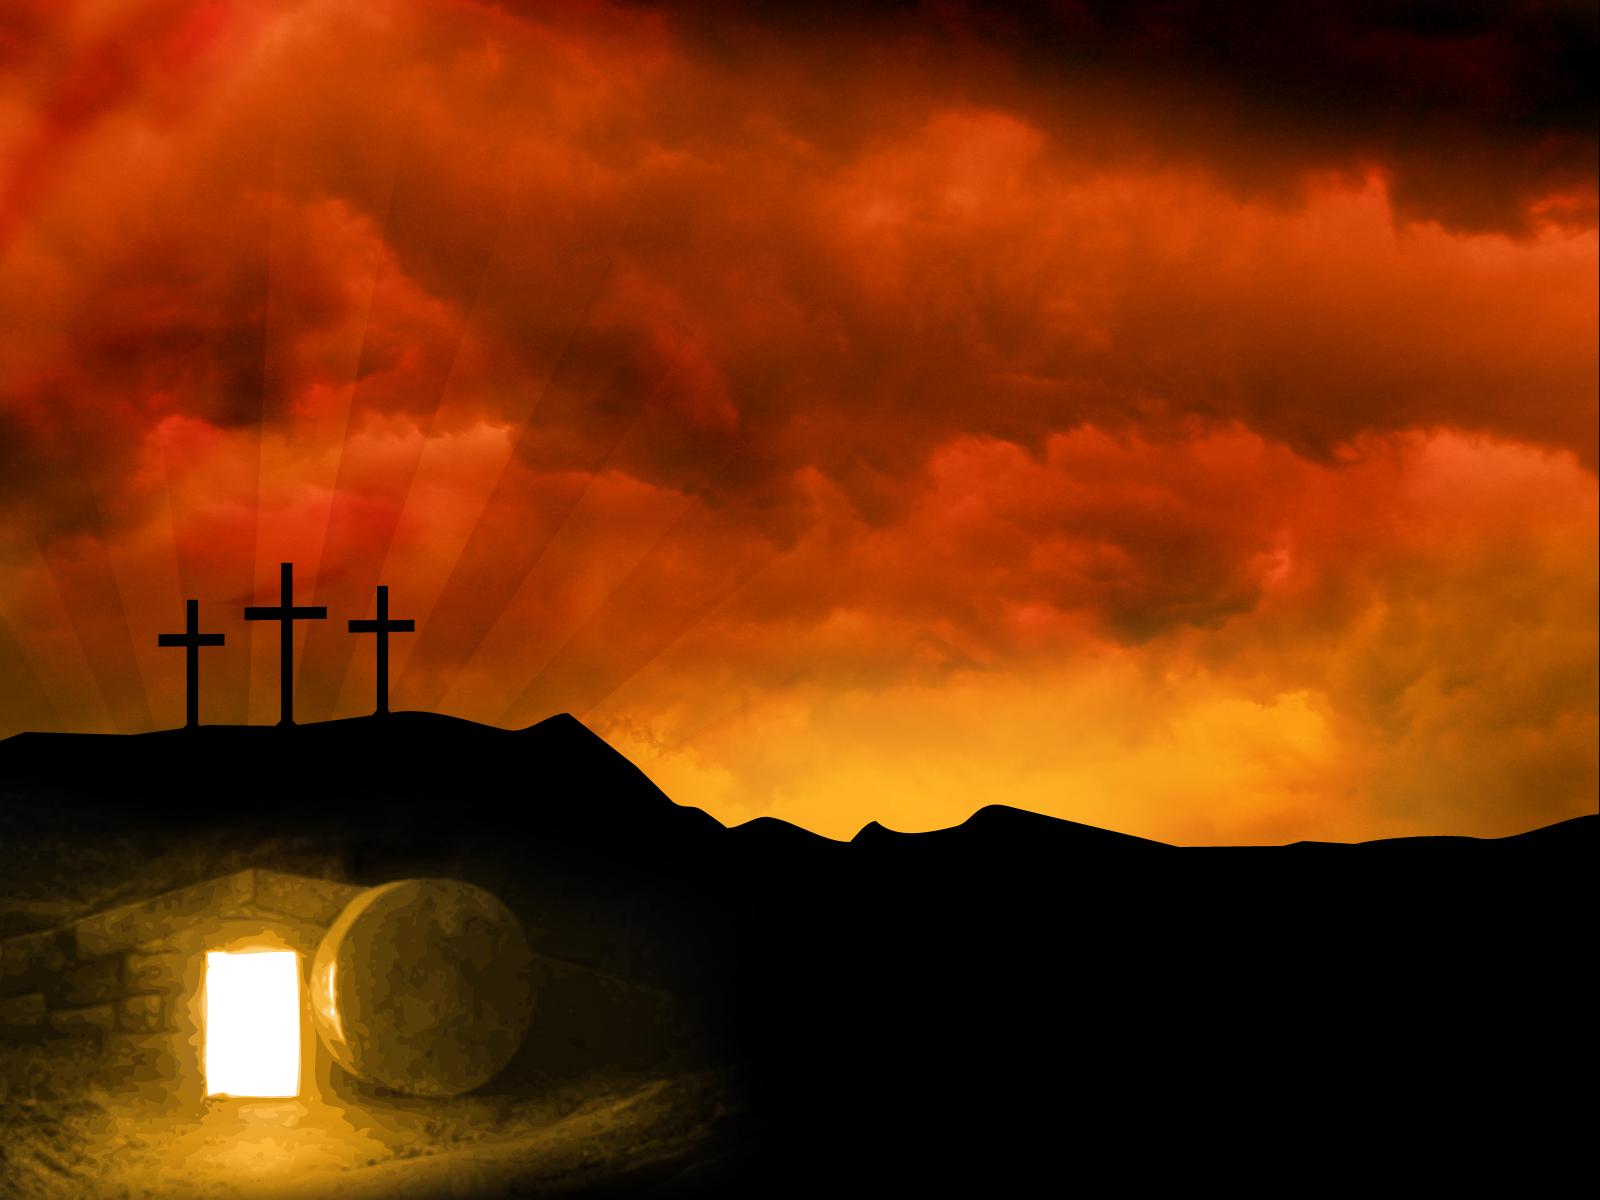 Easter Resurrection Wallpaper WallpaperSafari